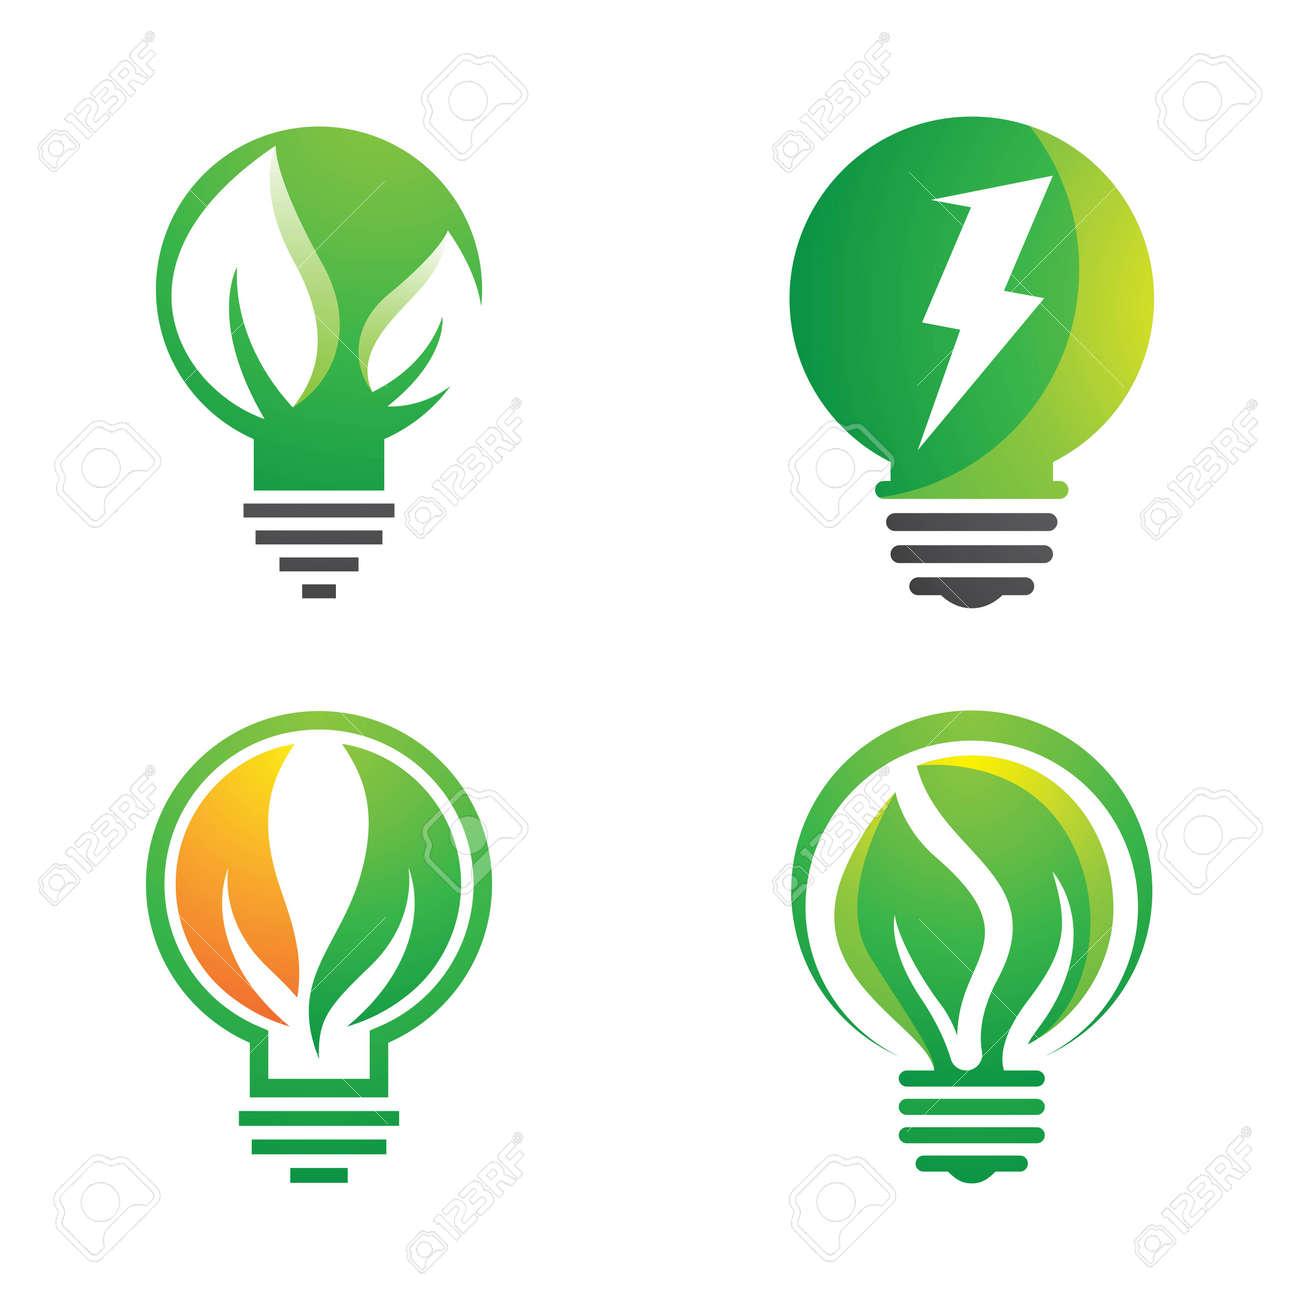 Eco energy logo images illustration design - 171705483